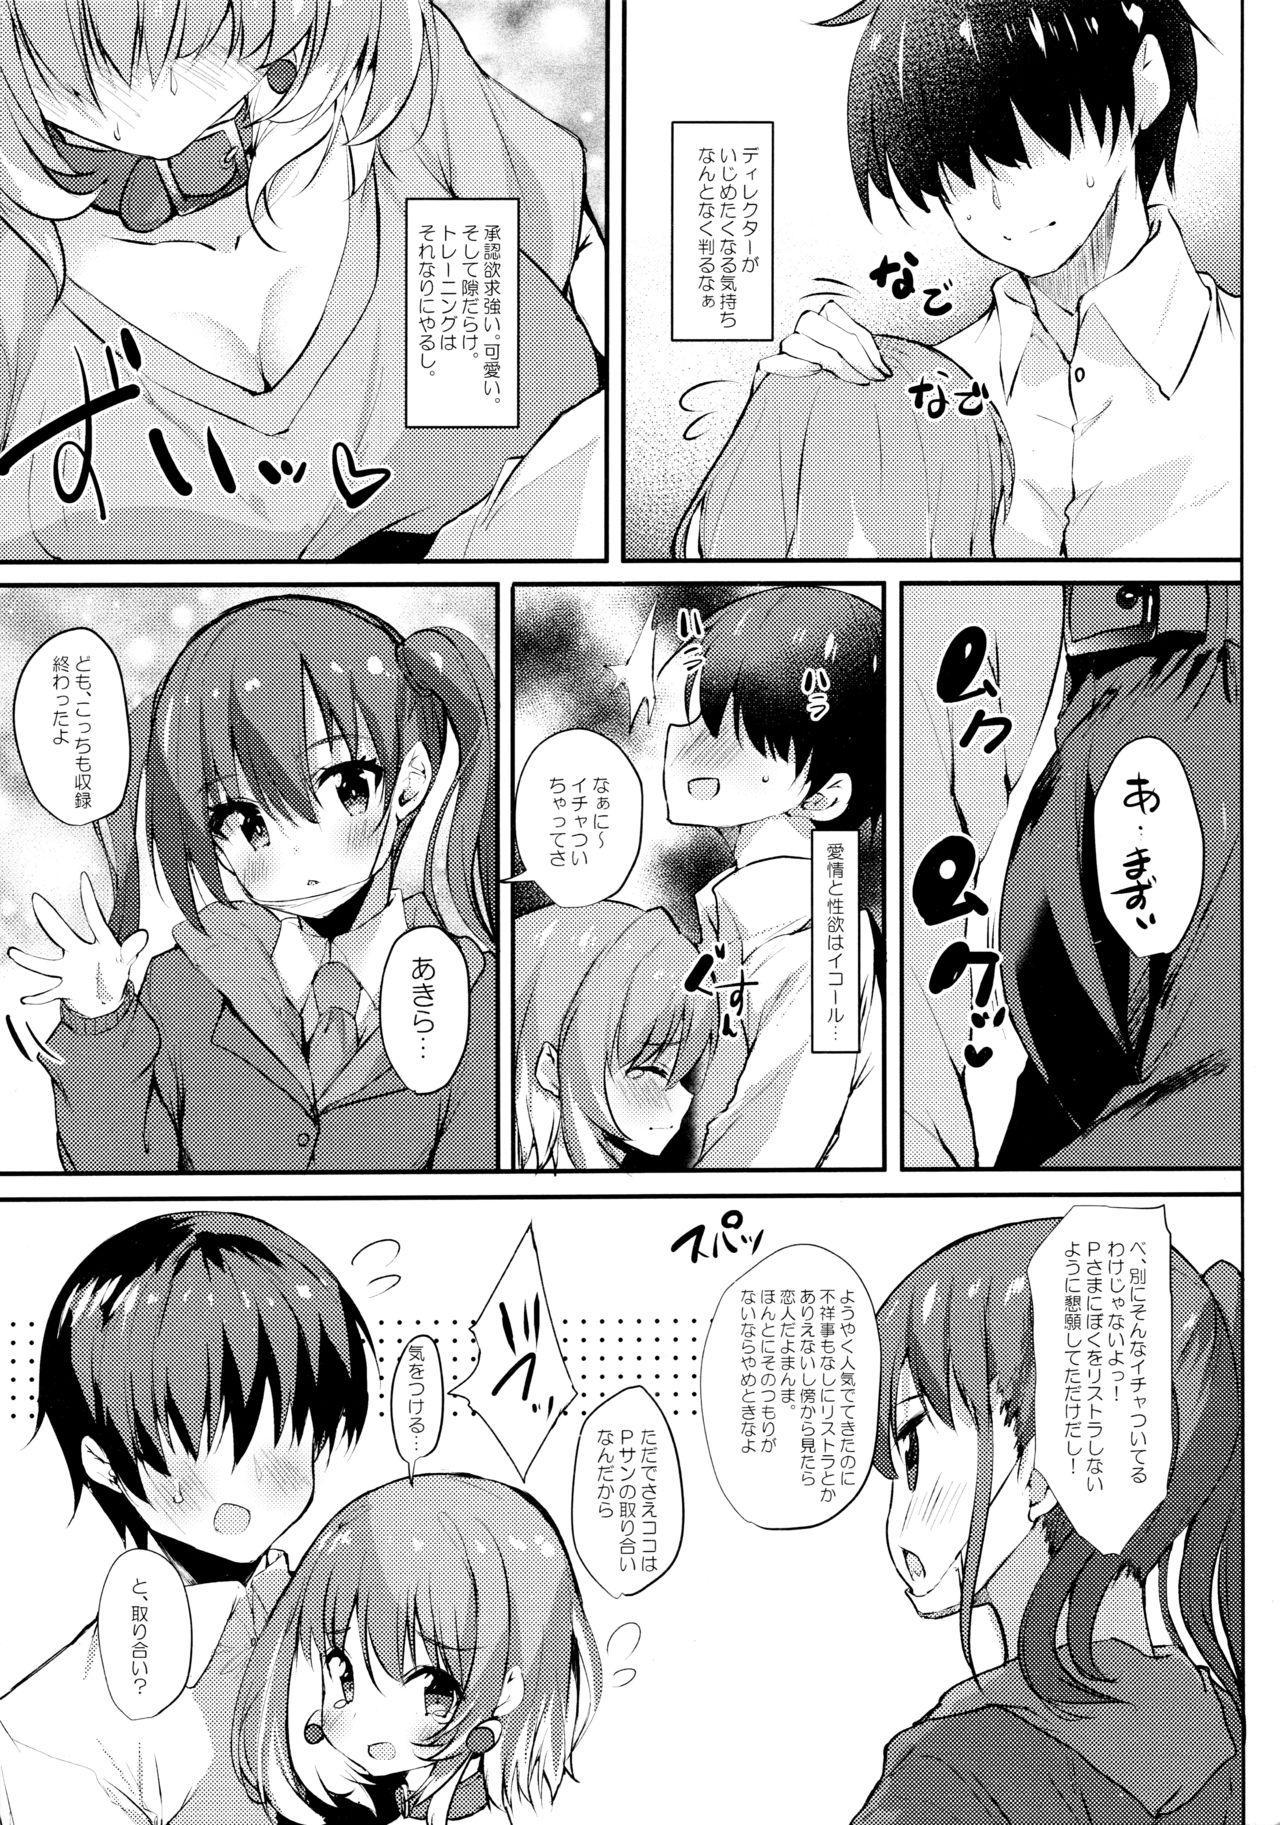 Yumemi Riamu wa Mitasaretai! 3